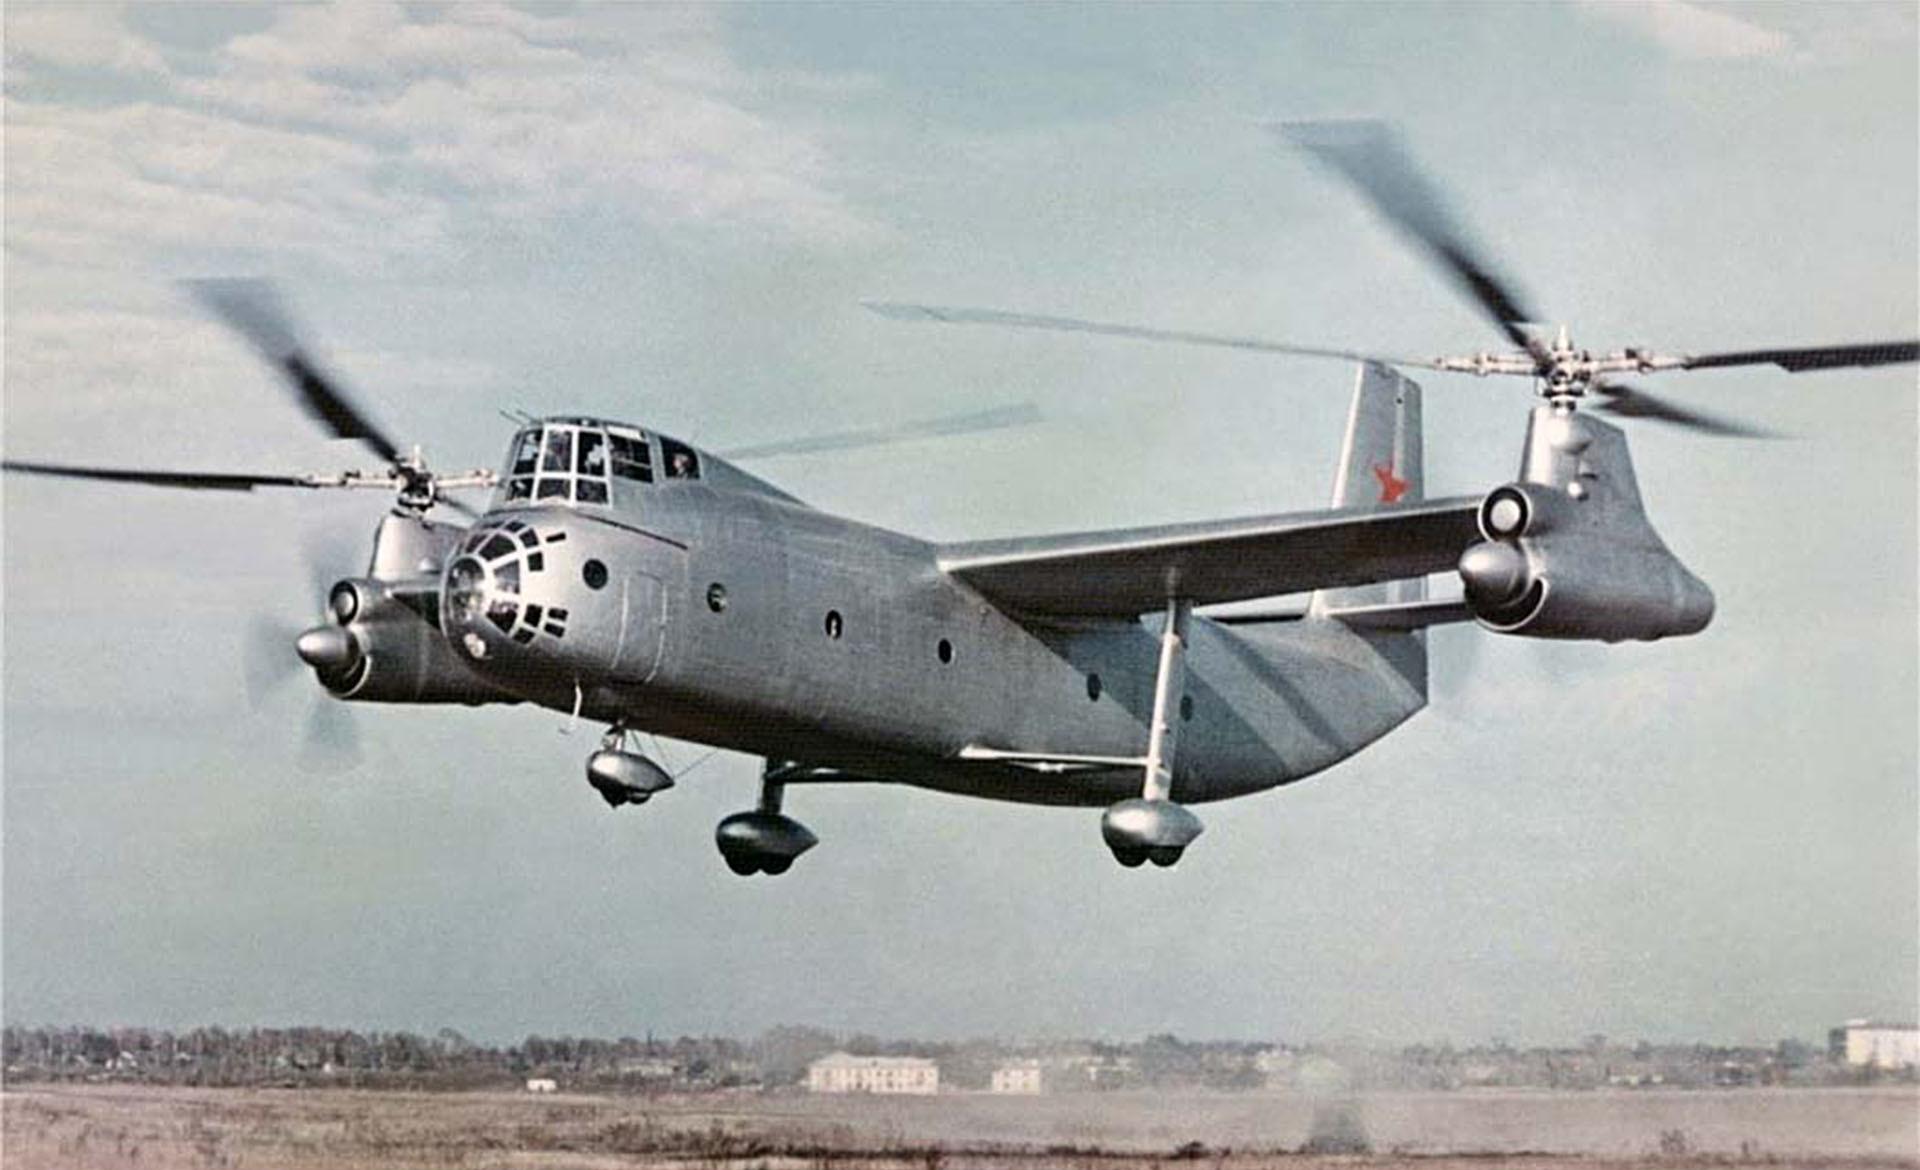 El Ka-22 soviético, construido para transportar misiles balísticos tácticos, podía acelerar hasta 356,3 km/h,